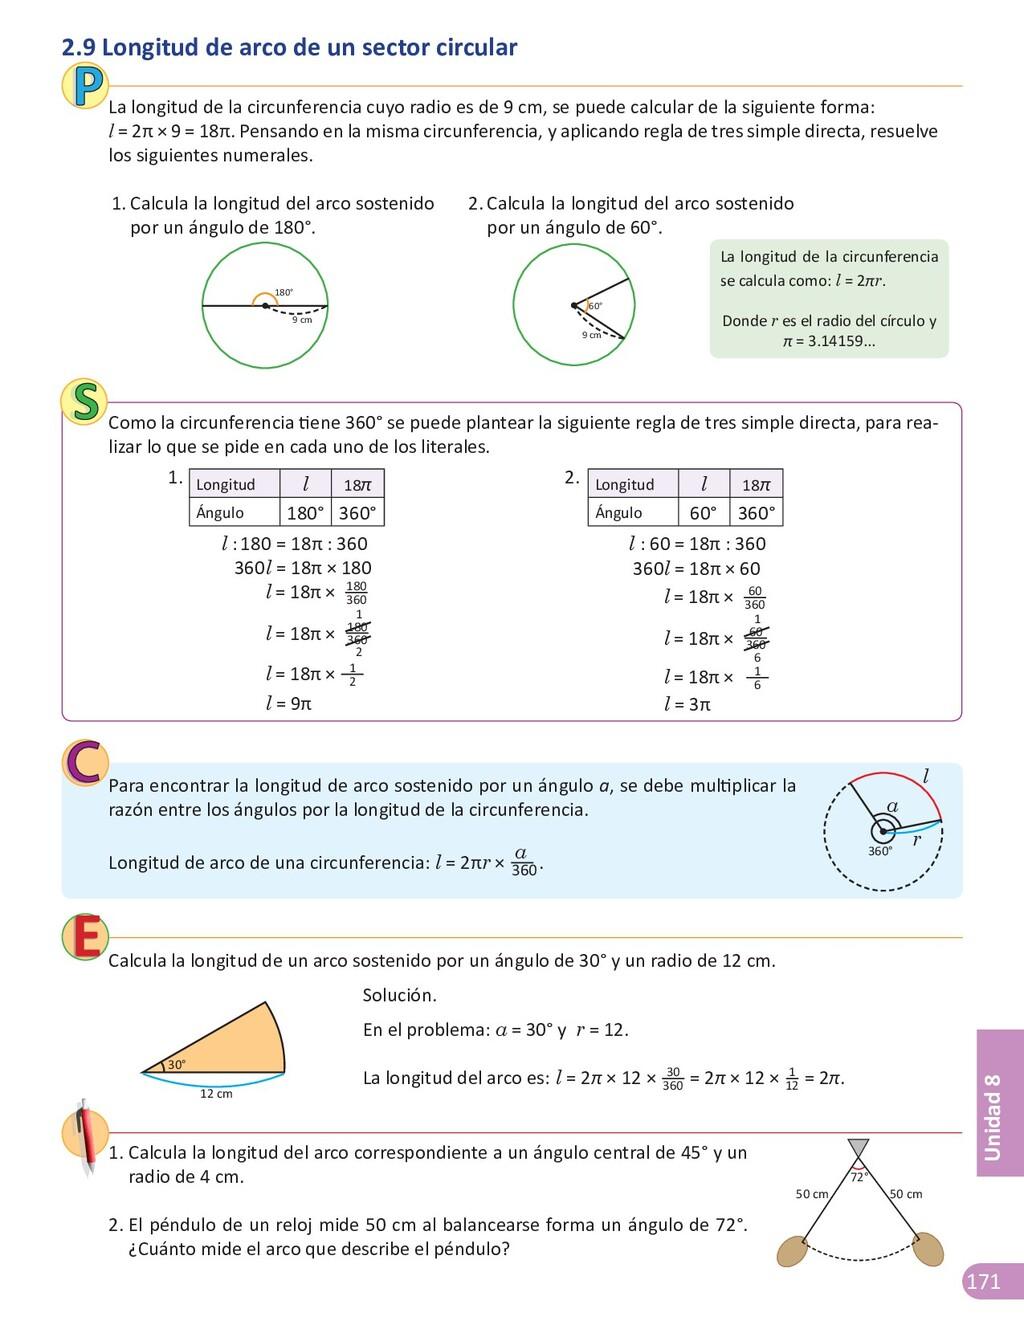 171 Unidad 8 Calcula la longitud de un arco sos...